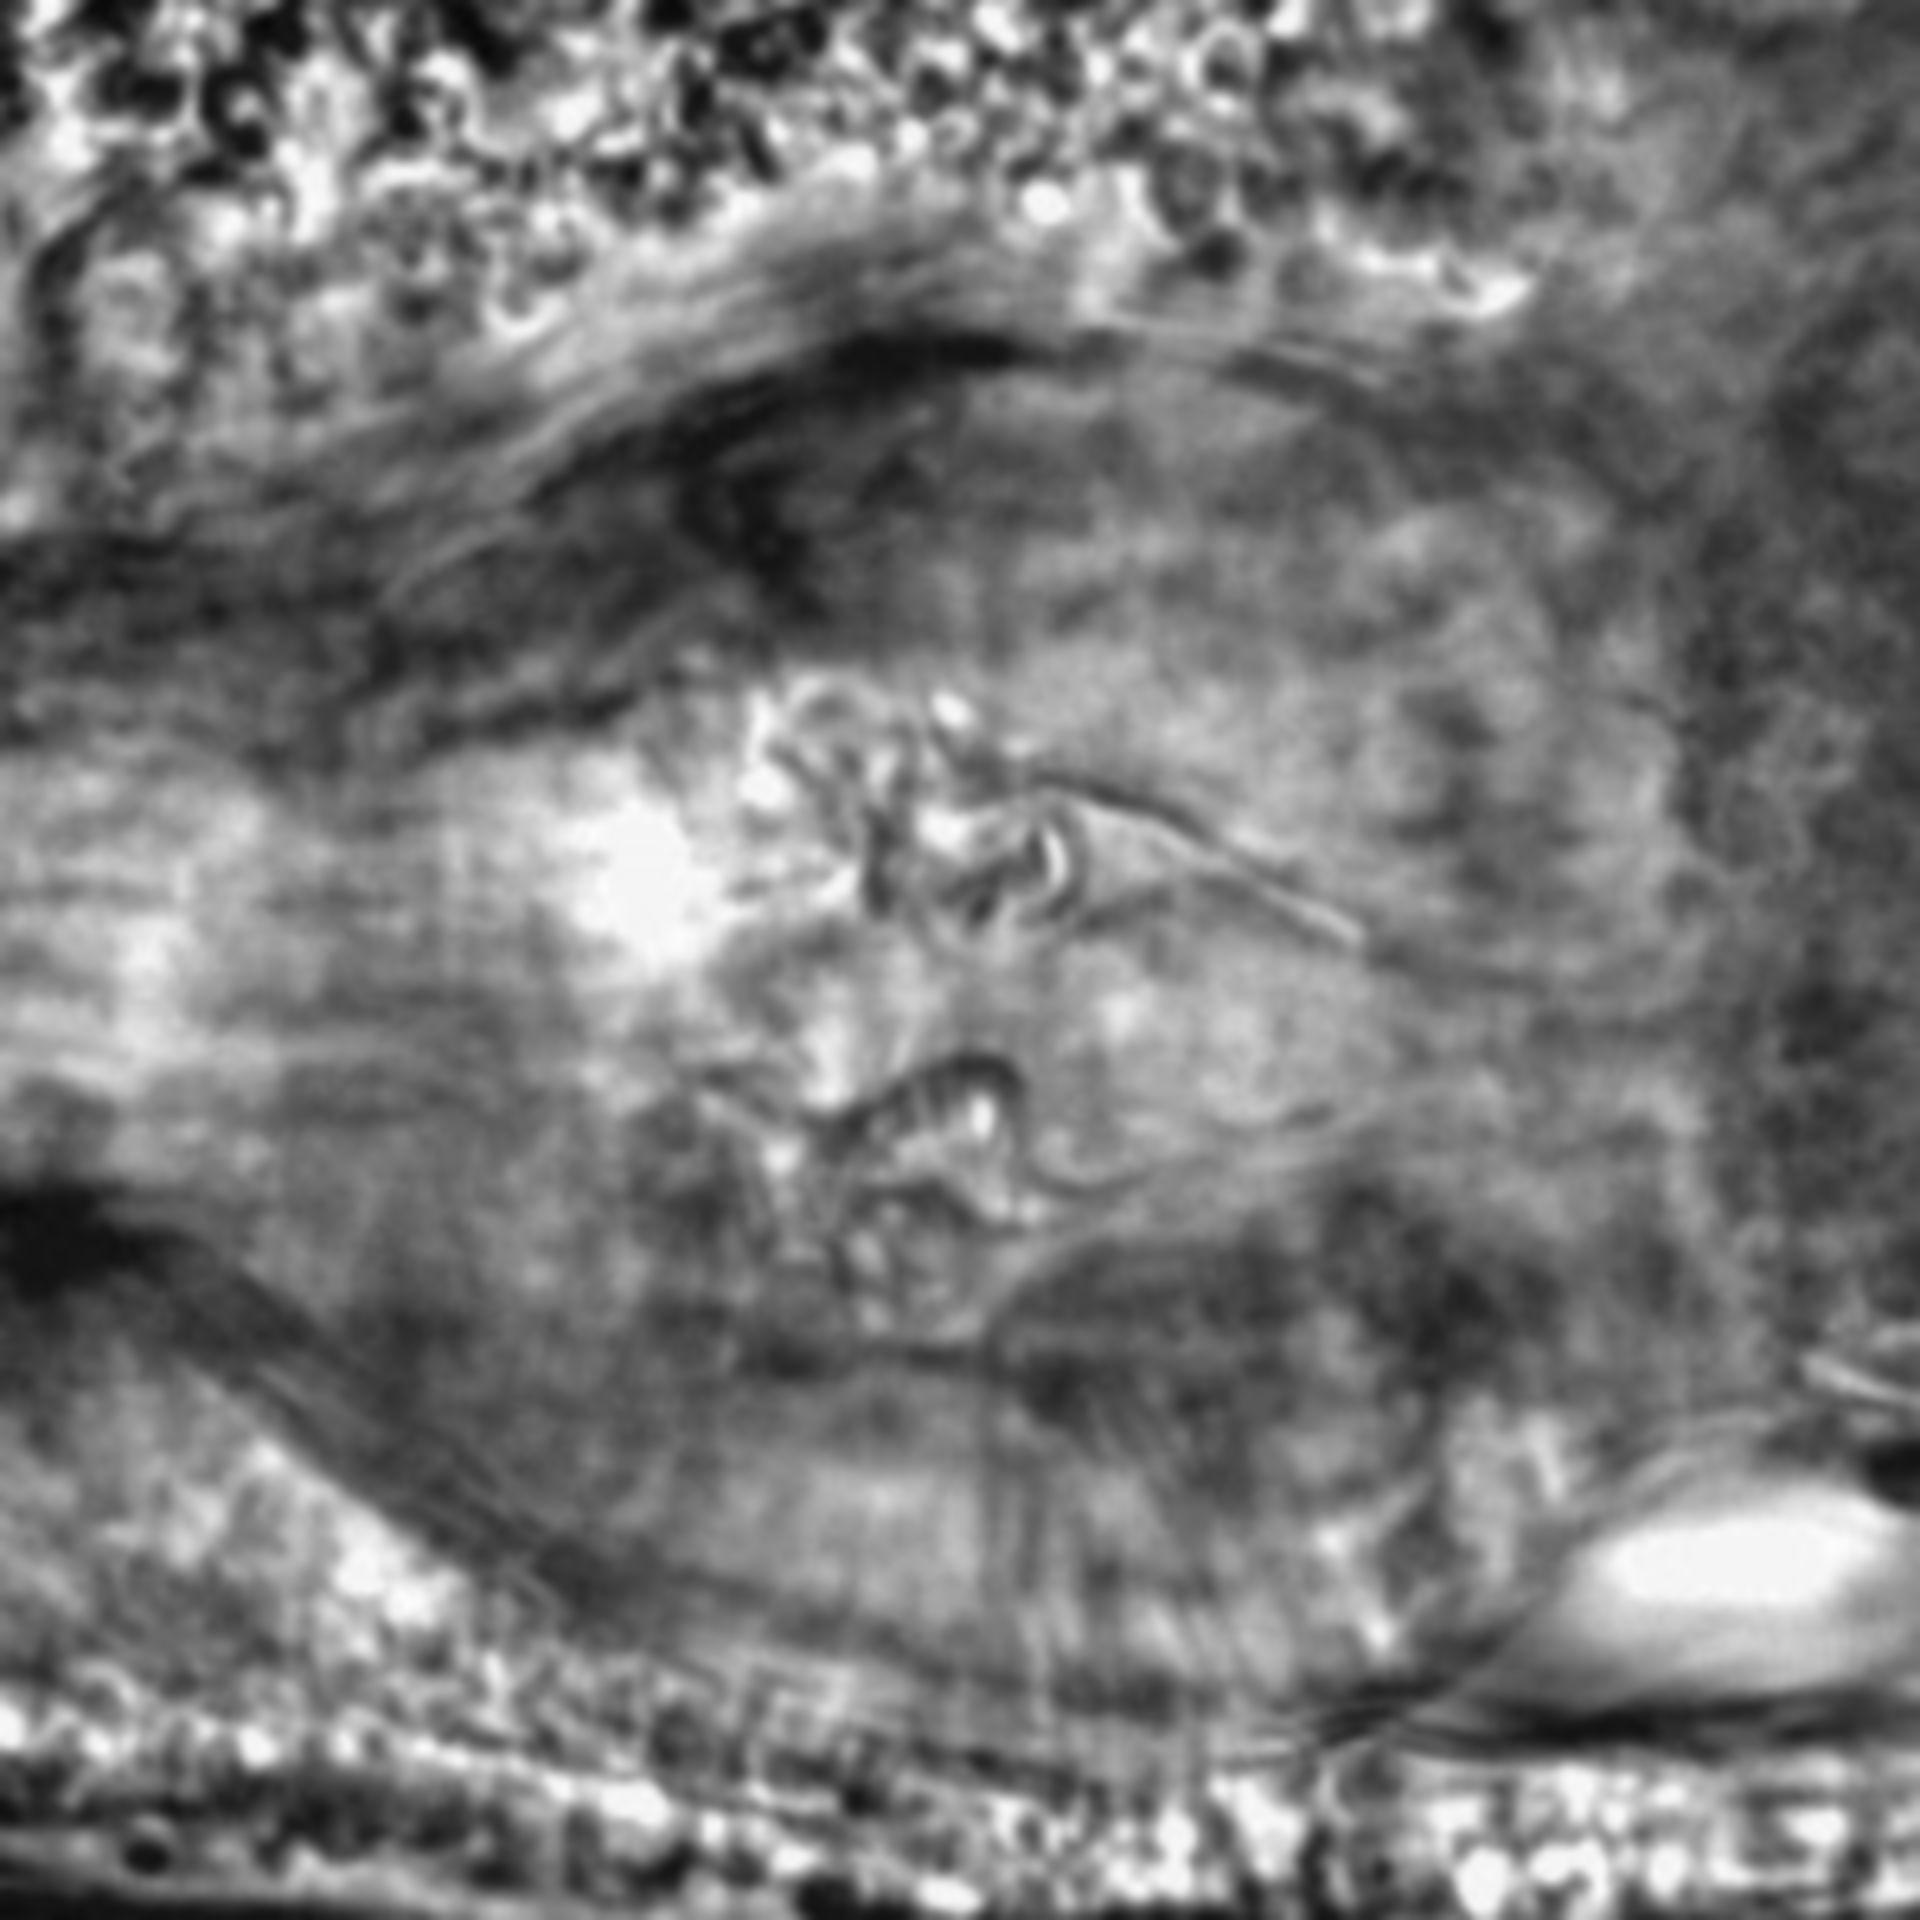 Caenorhabditis elegans - CIL:1942